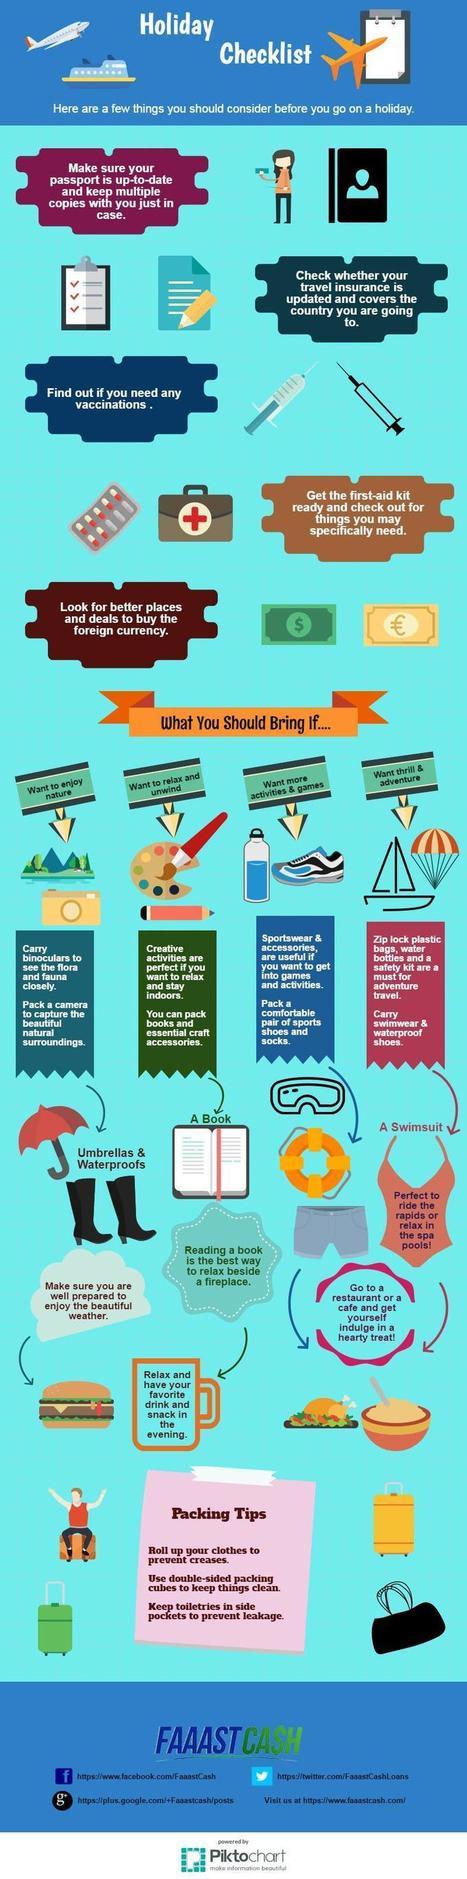 Holiday Checklist - FaaastCash | FaaastCash | Payday Loan in California | Scoop.it